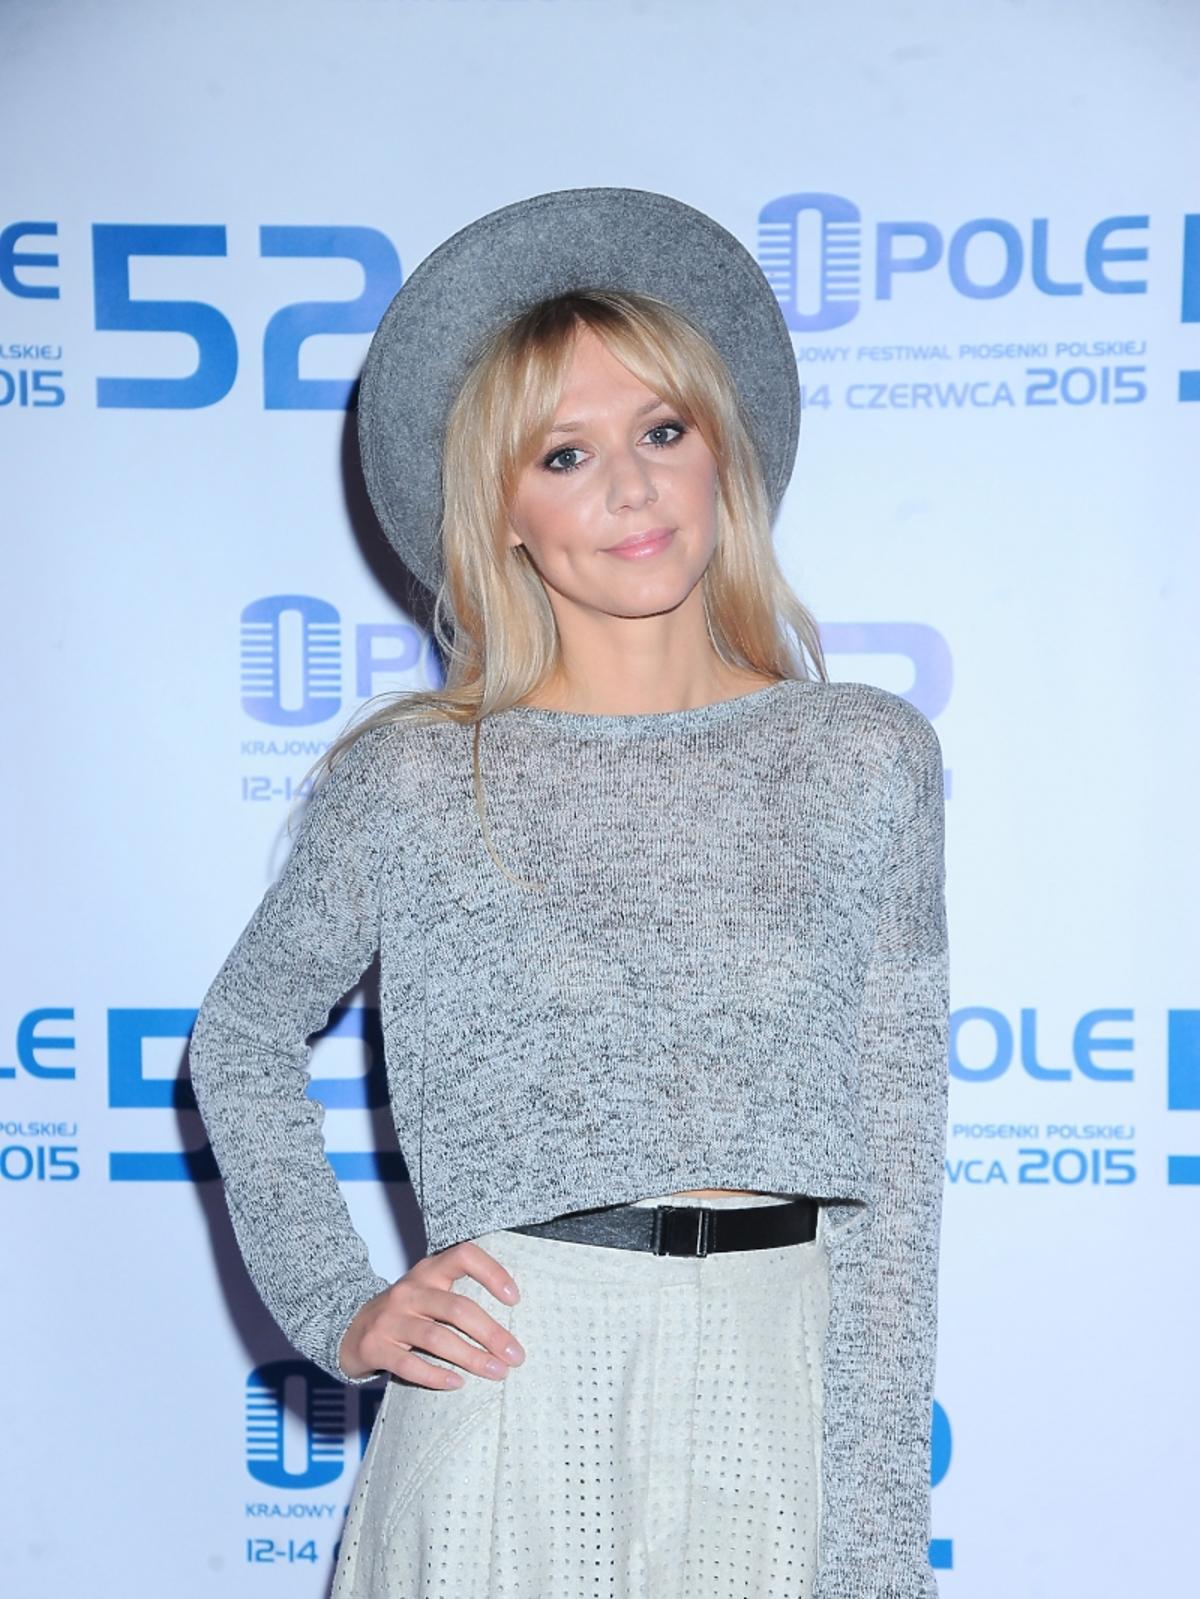 Kasia Moś będzie walczyć o wyjazd na konkurs Eurowizji 2016